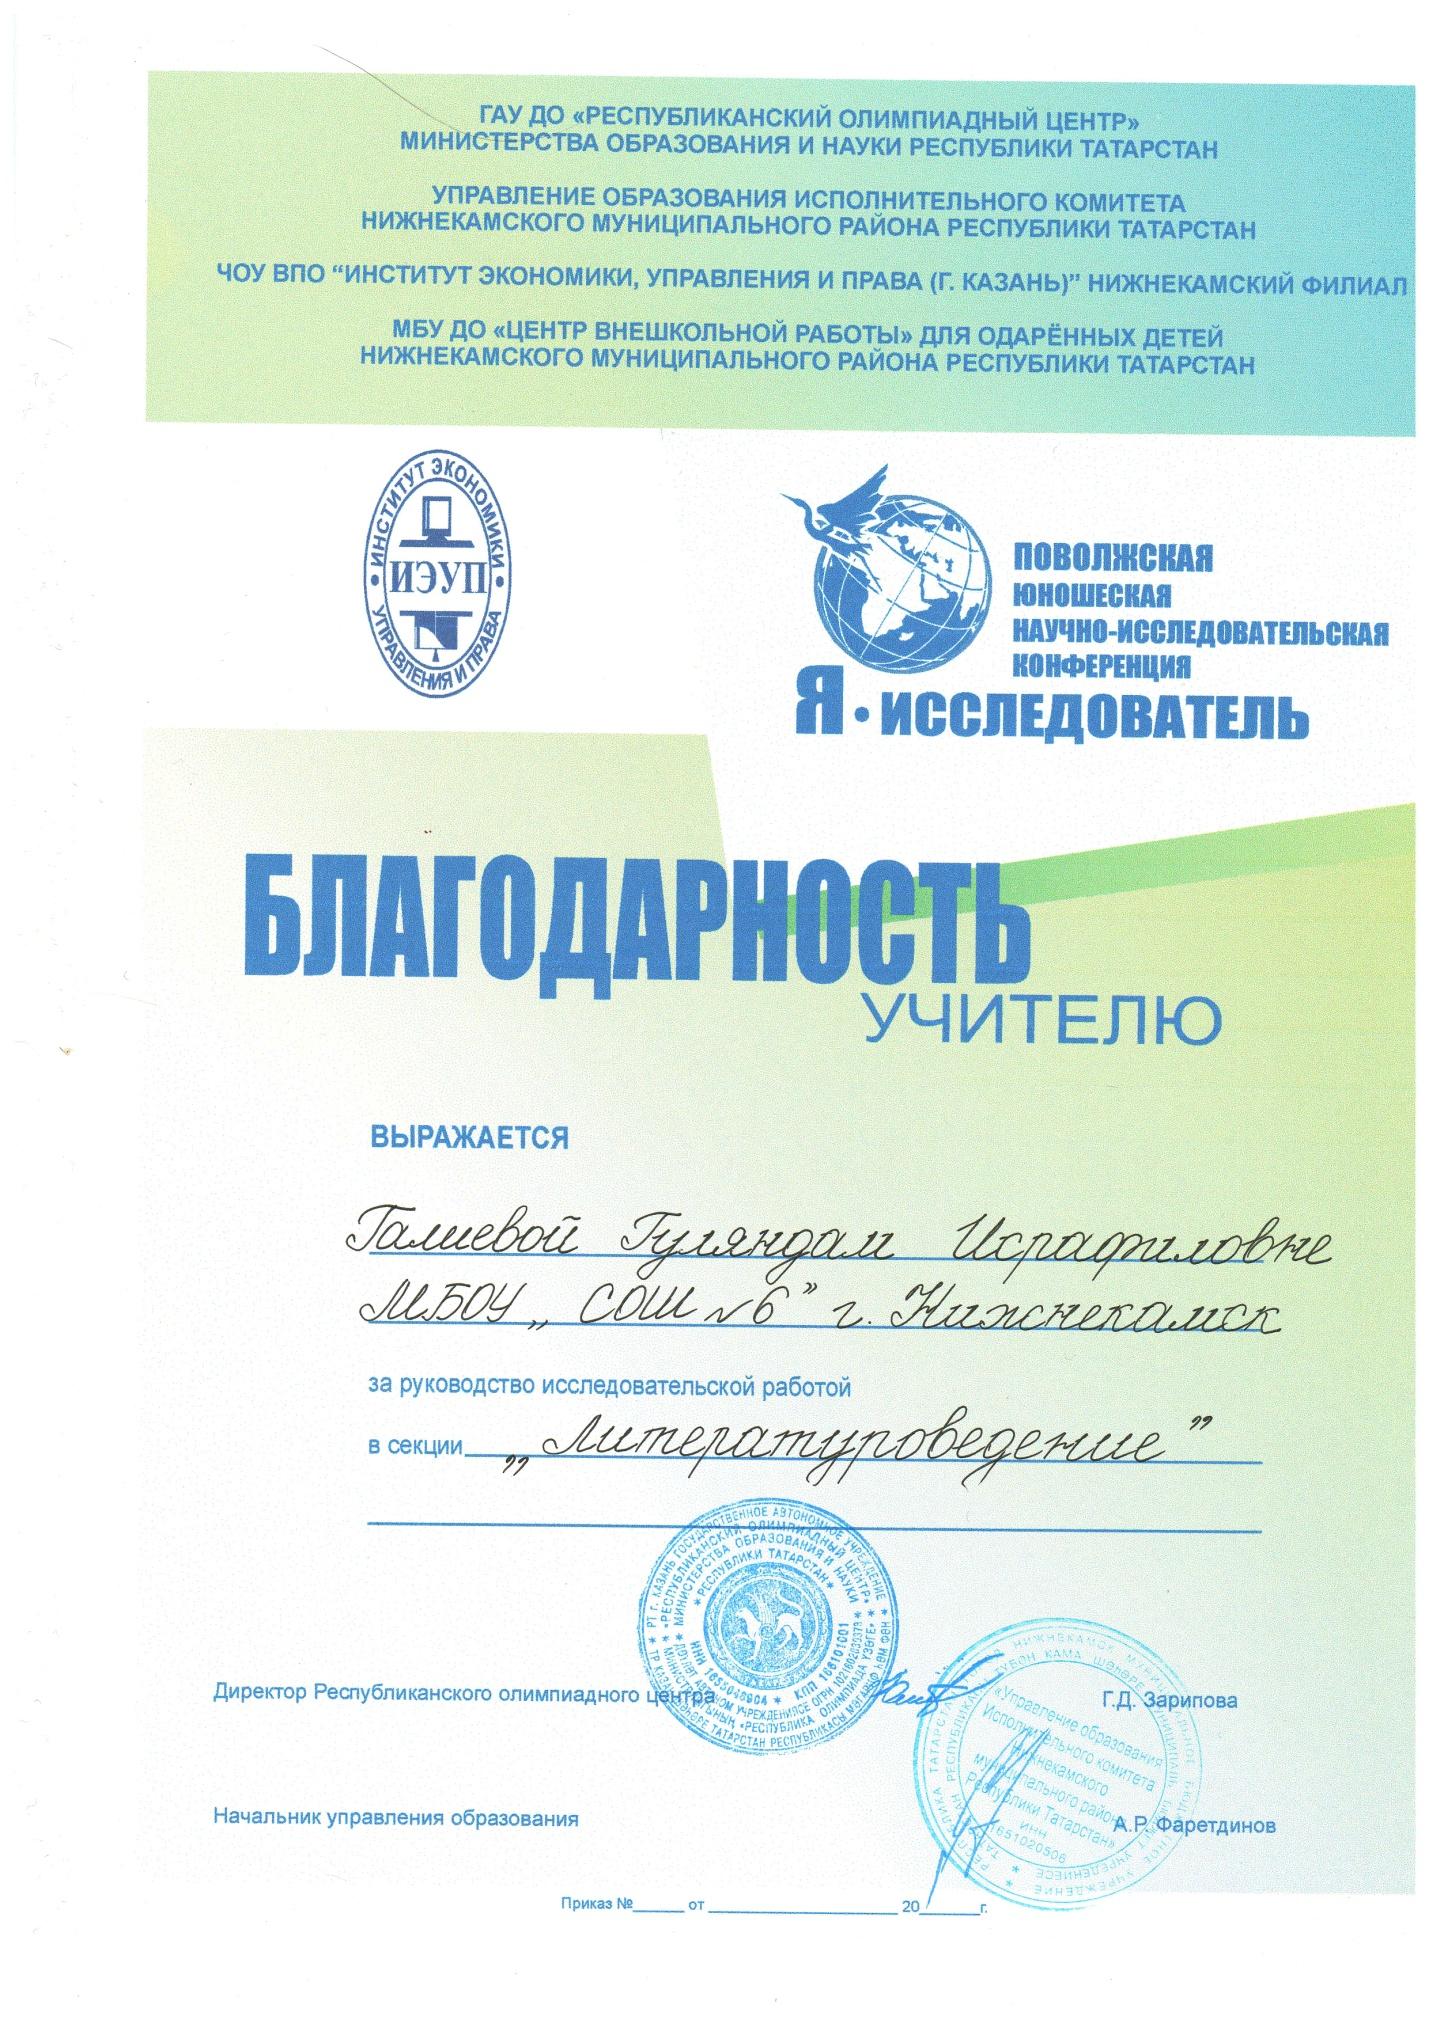 I:\дипломы\Благодарность учителю Галиева Г.И. Поволжская конференция 2015.jpg